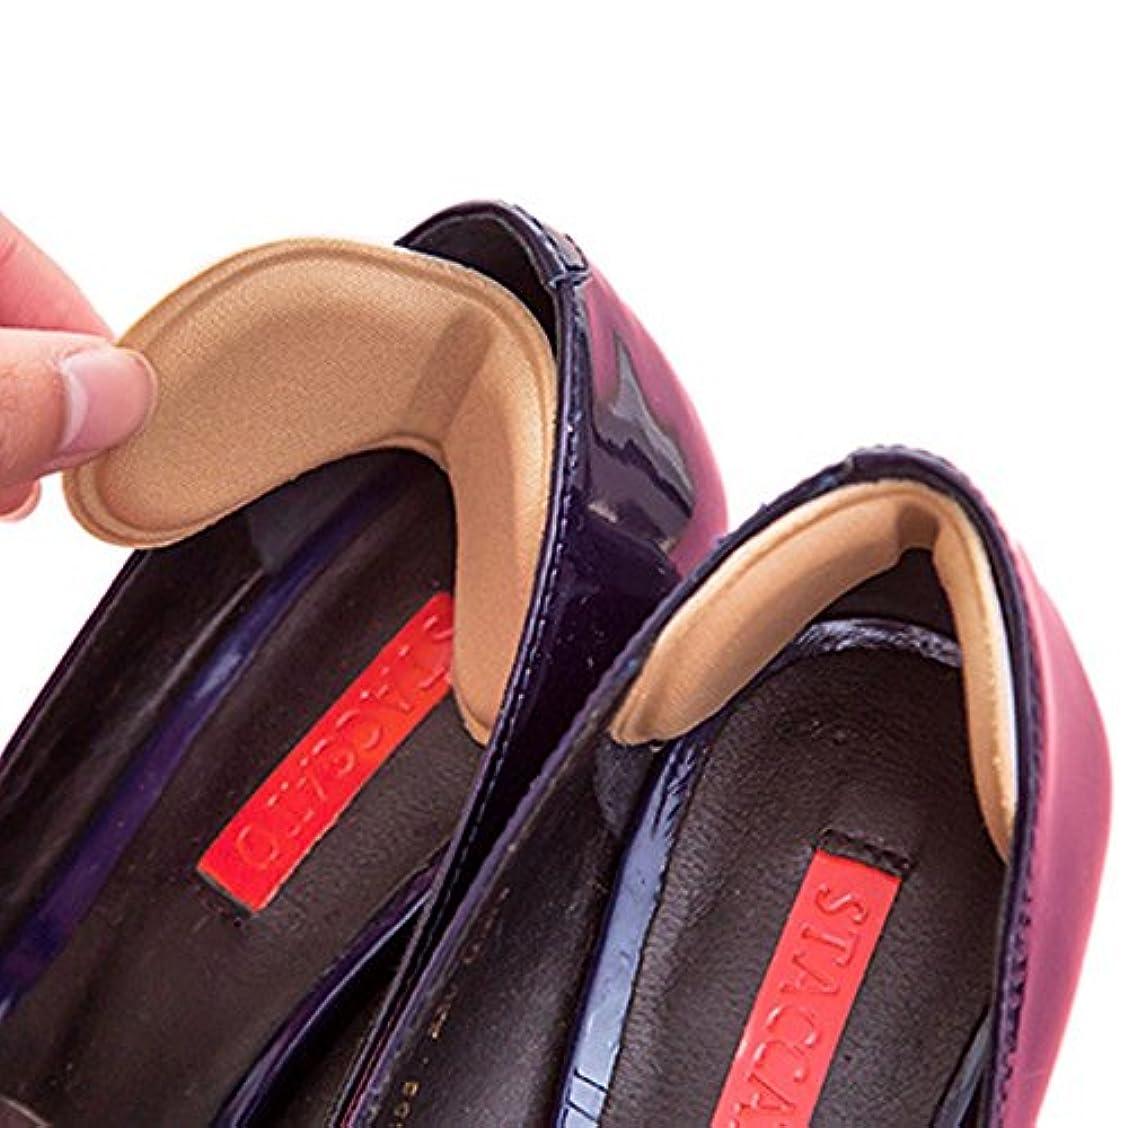 偽善者子羊欲求不満靴擦れ 半張りパッド 靴擦れ防止 防止かかと パカパカ防止 ハイヒール用 足裏保護 インソール 靴のサイズ調整 四組入り